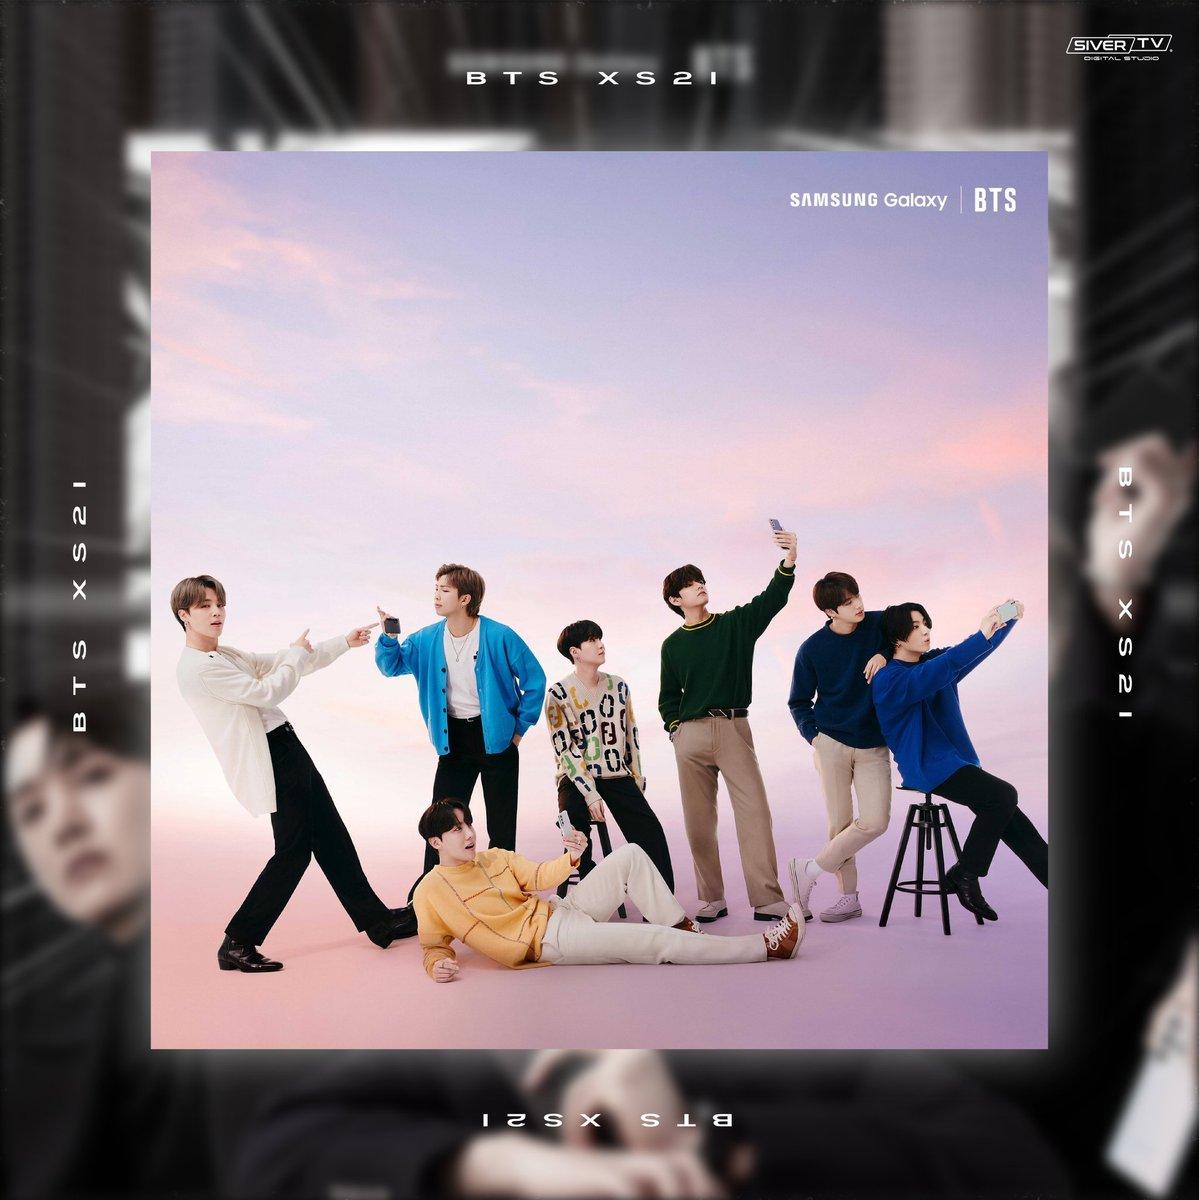 Pues al ser BTS la imagen oficial de Samsung han protagonizado una serie de fotografías épicas para promocionar la nueva serie S21 de Samsung💥  📸 Post apreciación  #SamsungGalaxyS21 #BTSXS21 #KPop #unpacked2021 #galaxy